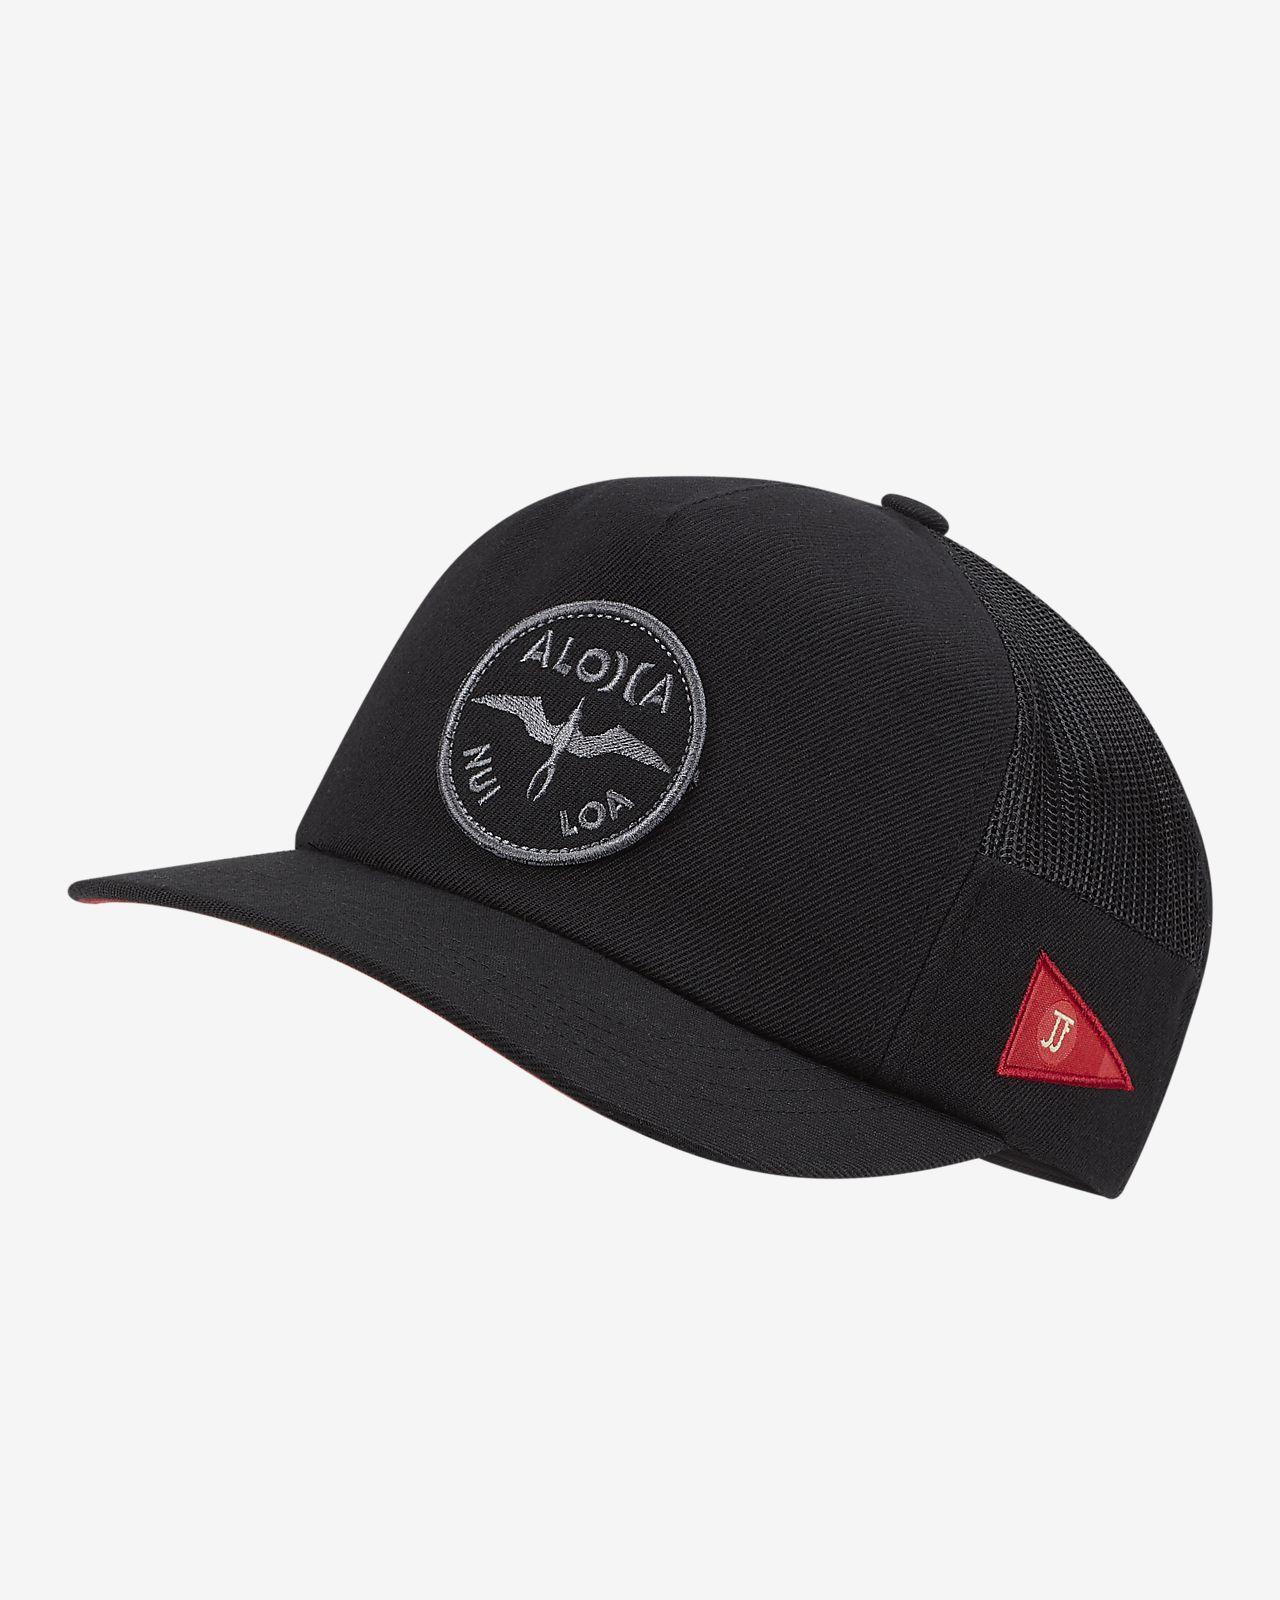 Hurley JJF Aloha Cap